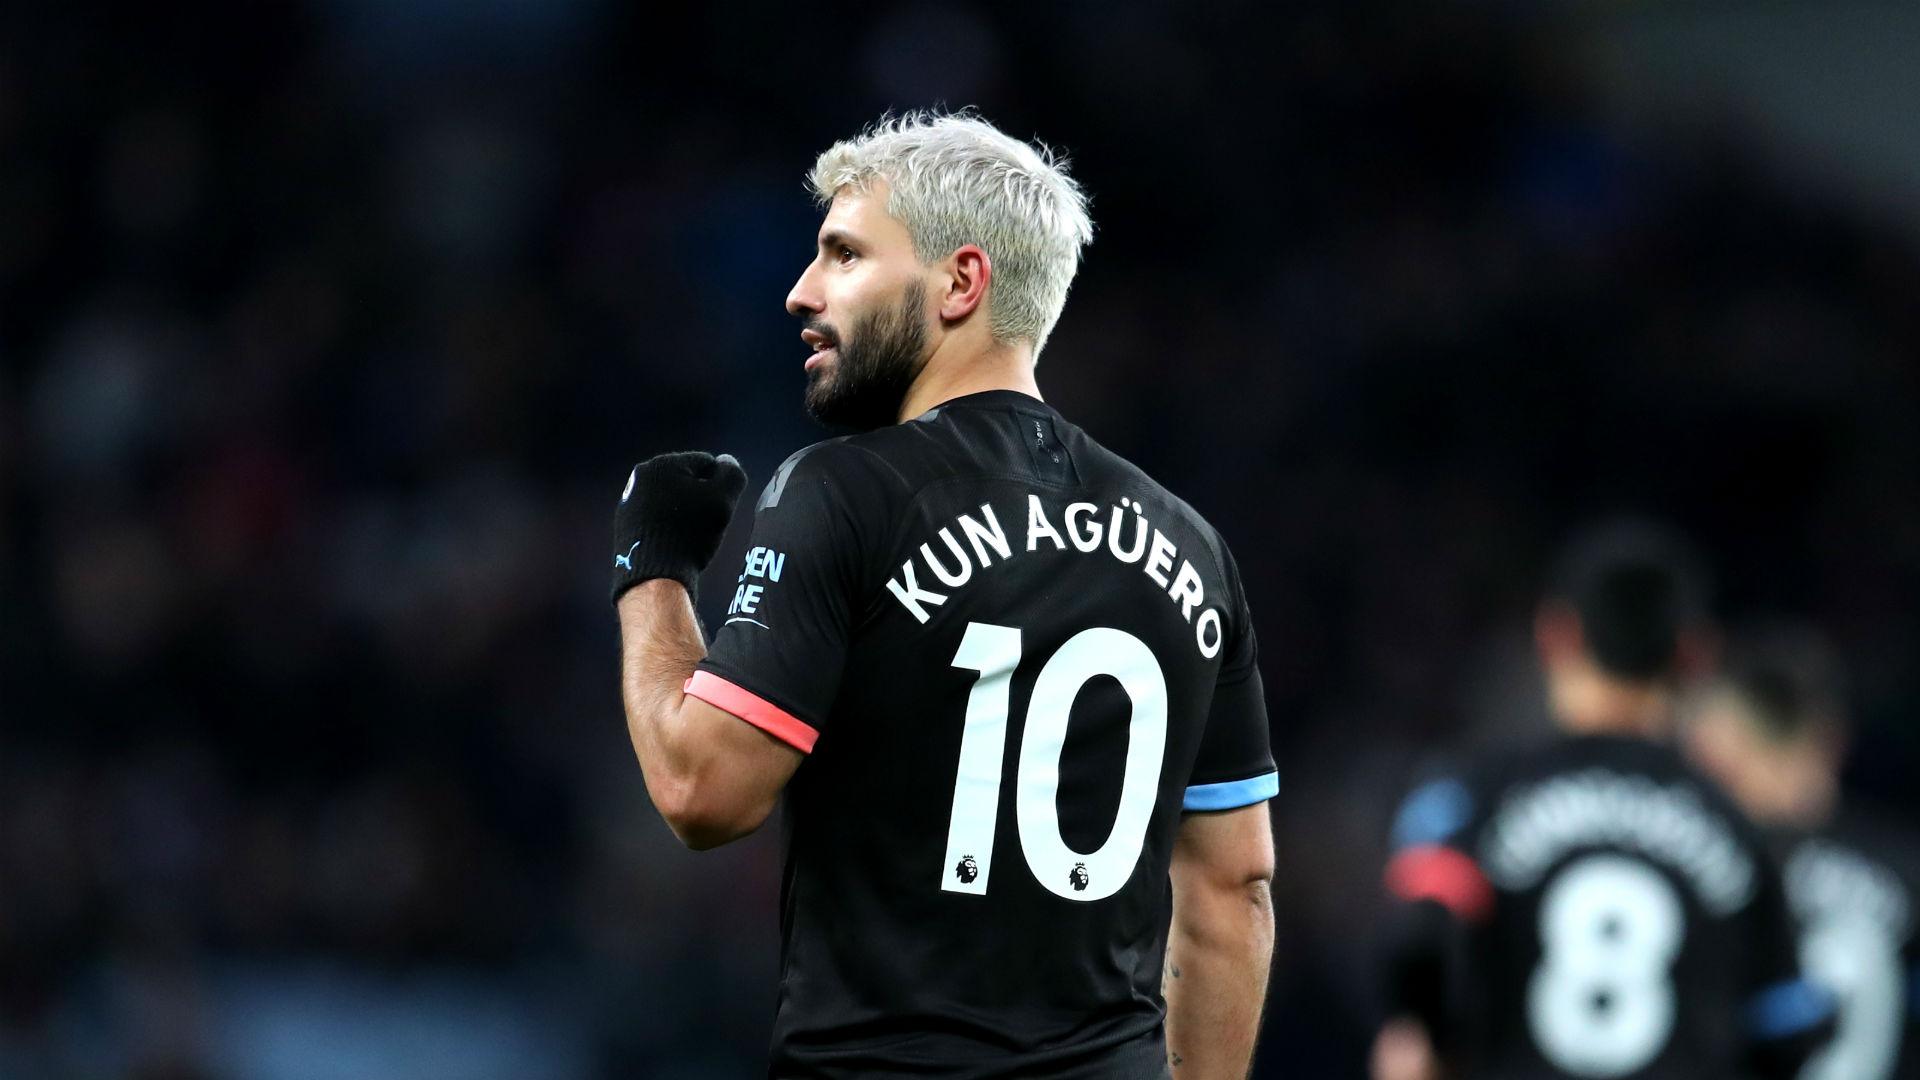 No Premier League player has scored more Premier League hat-tricks than Sergio Aguero – we recap his 12 trebles.